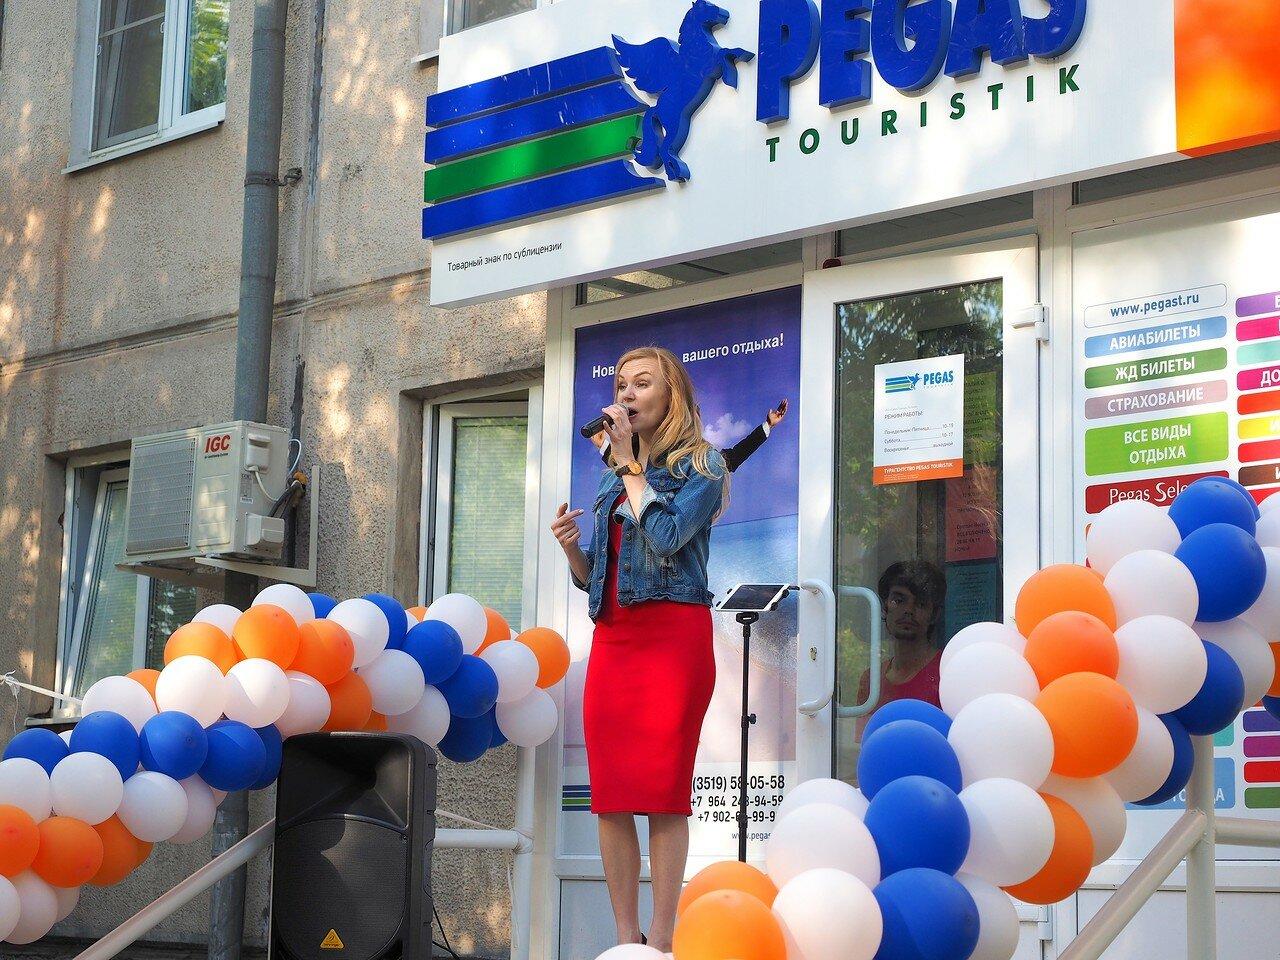 28 Открытие нового офиса Pegas Touristik 14.06.2017